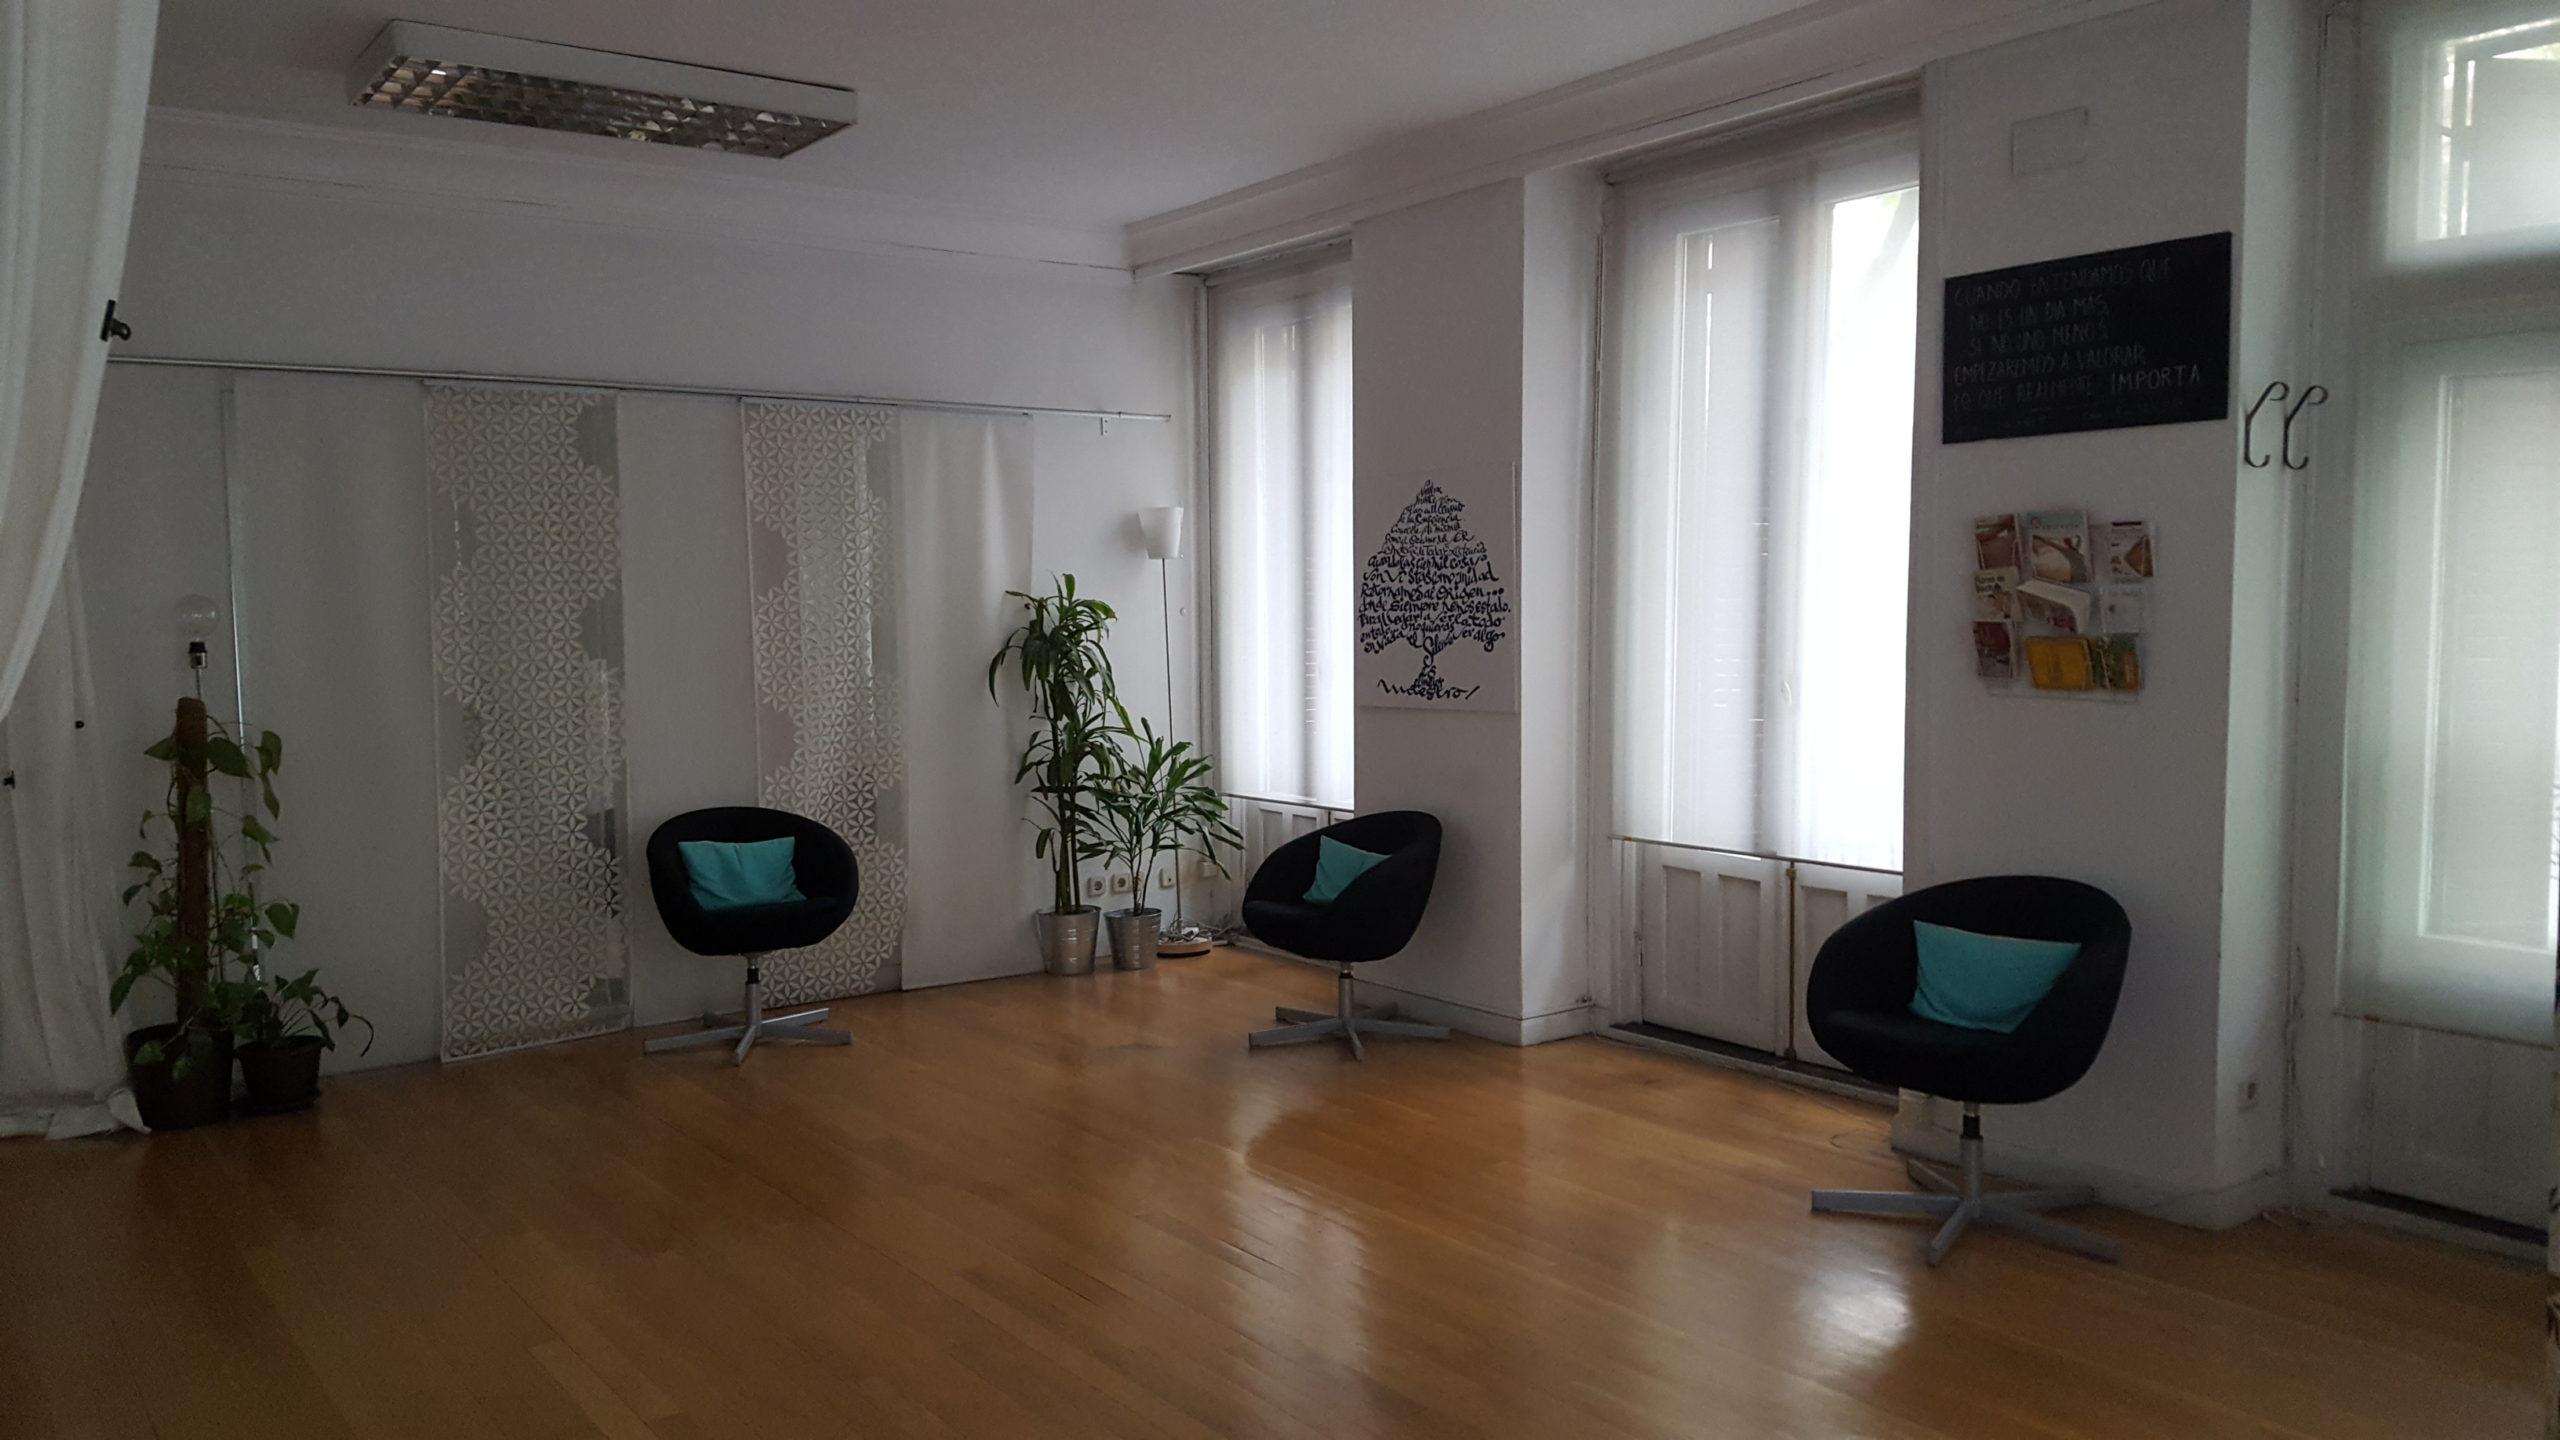 espacio de meditación y silencio